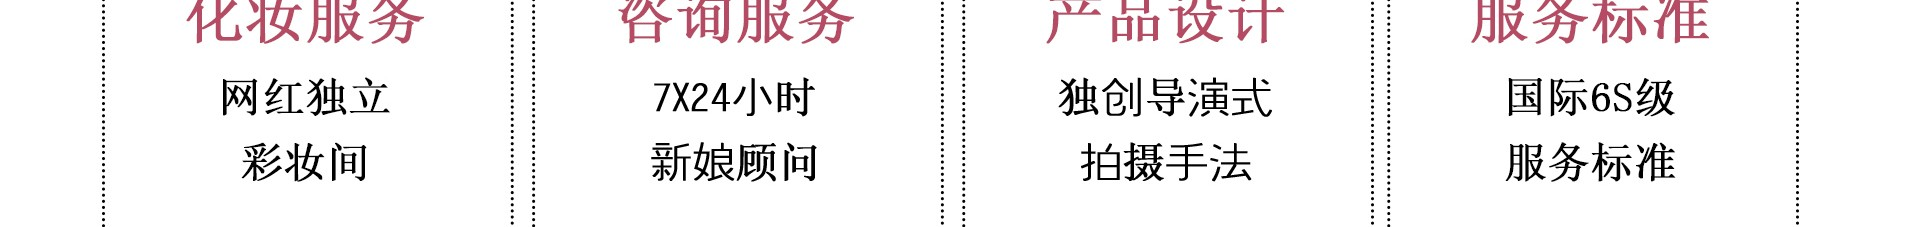 情人节加元宵节活动-汇总_79.jpg